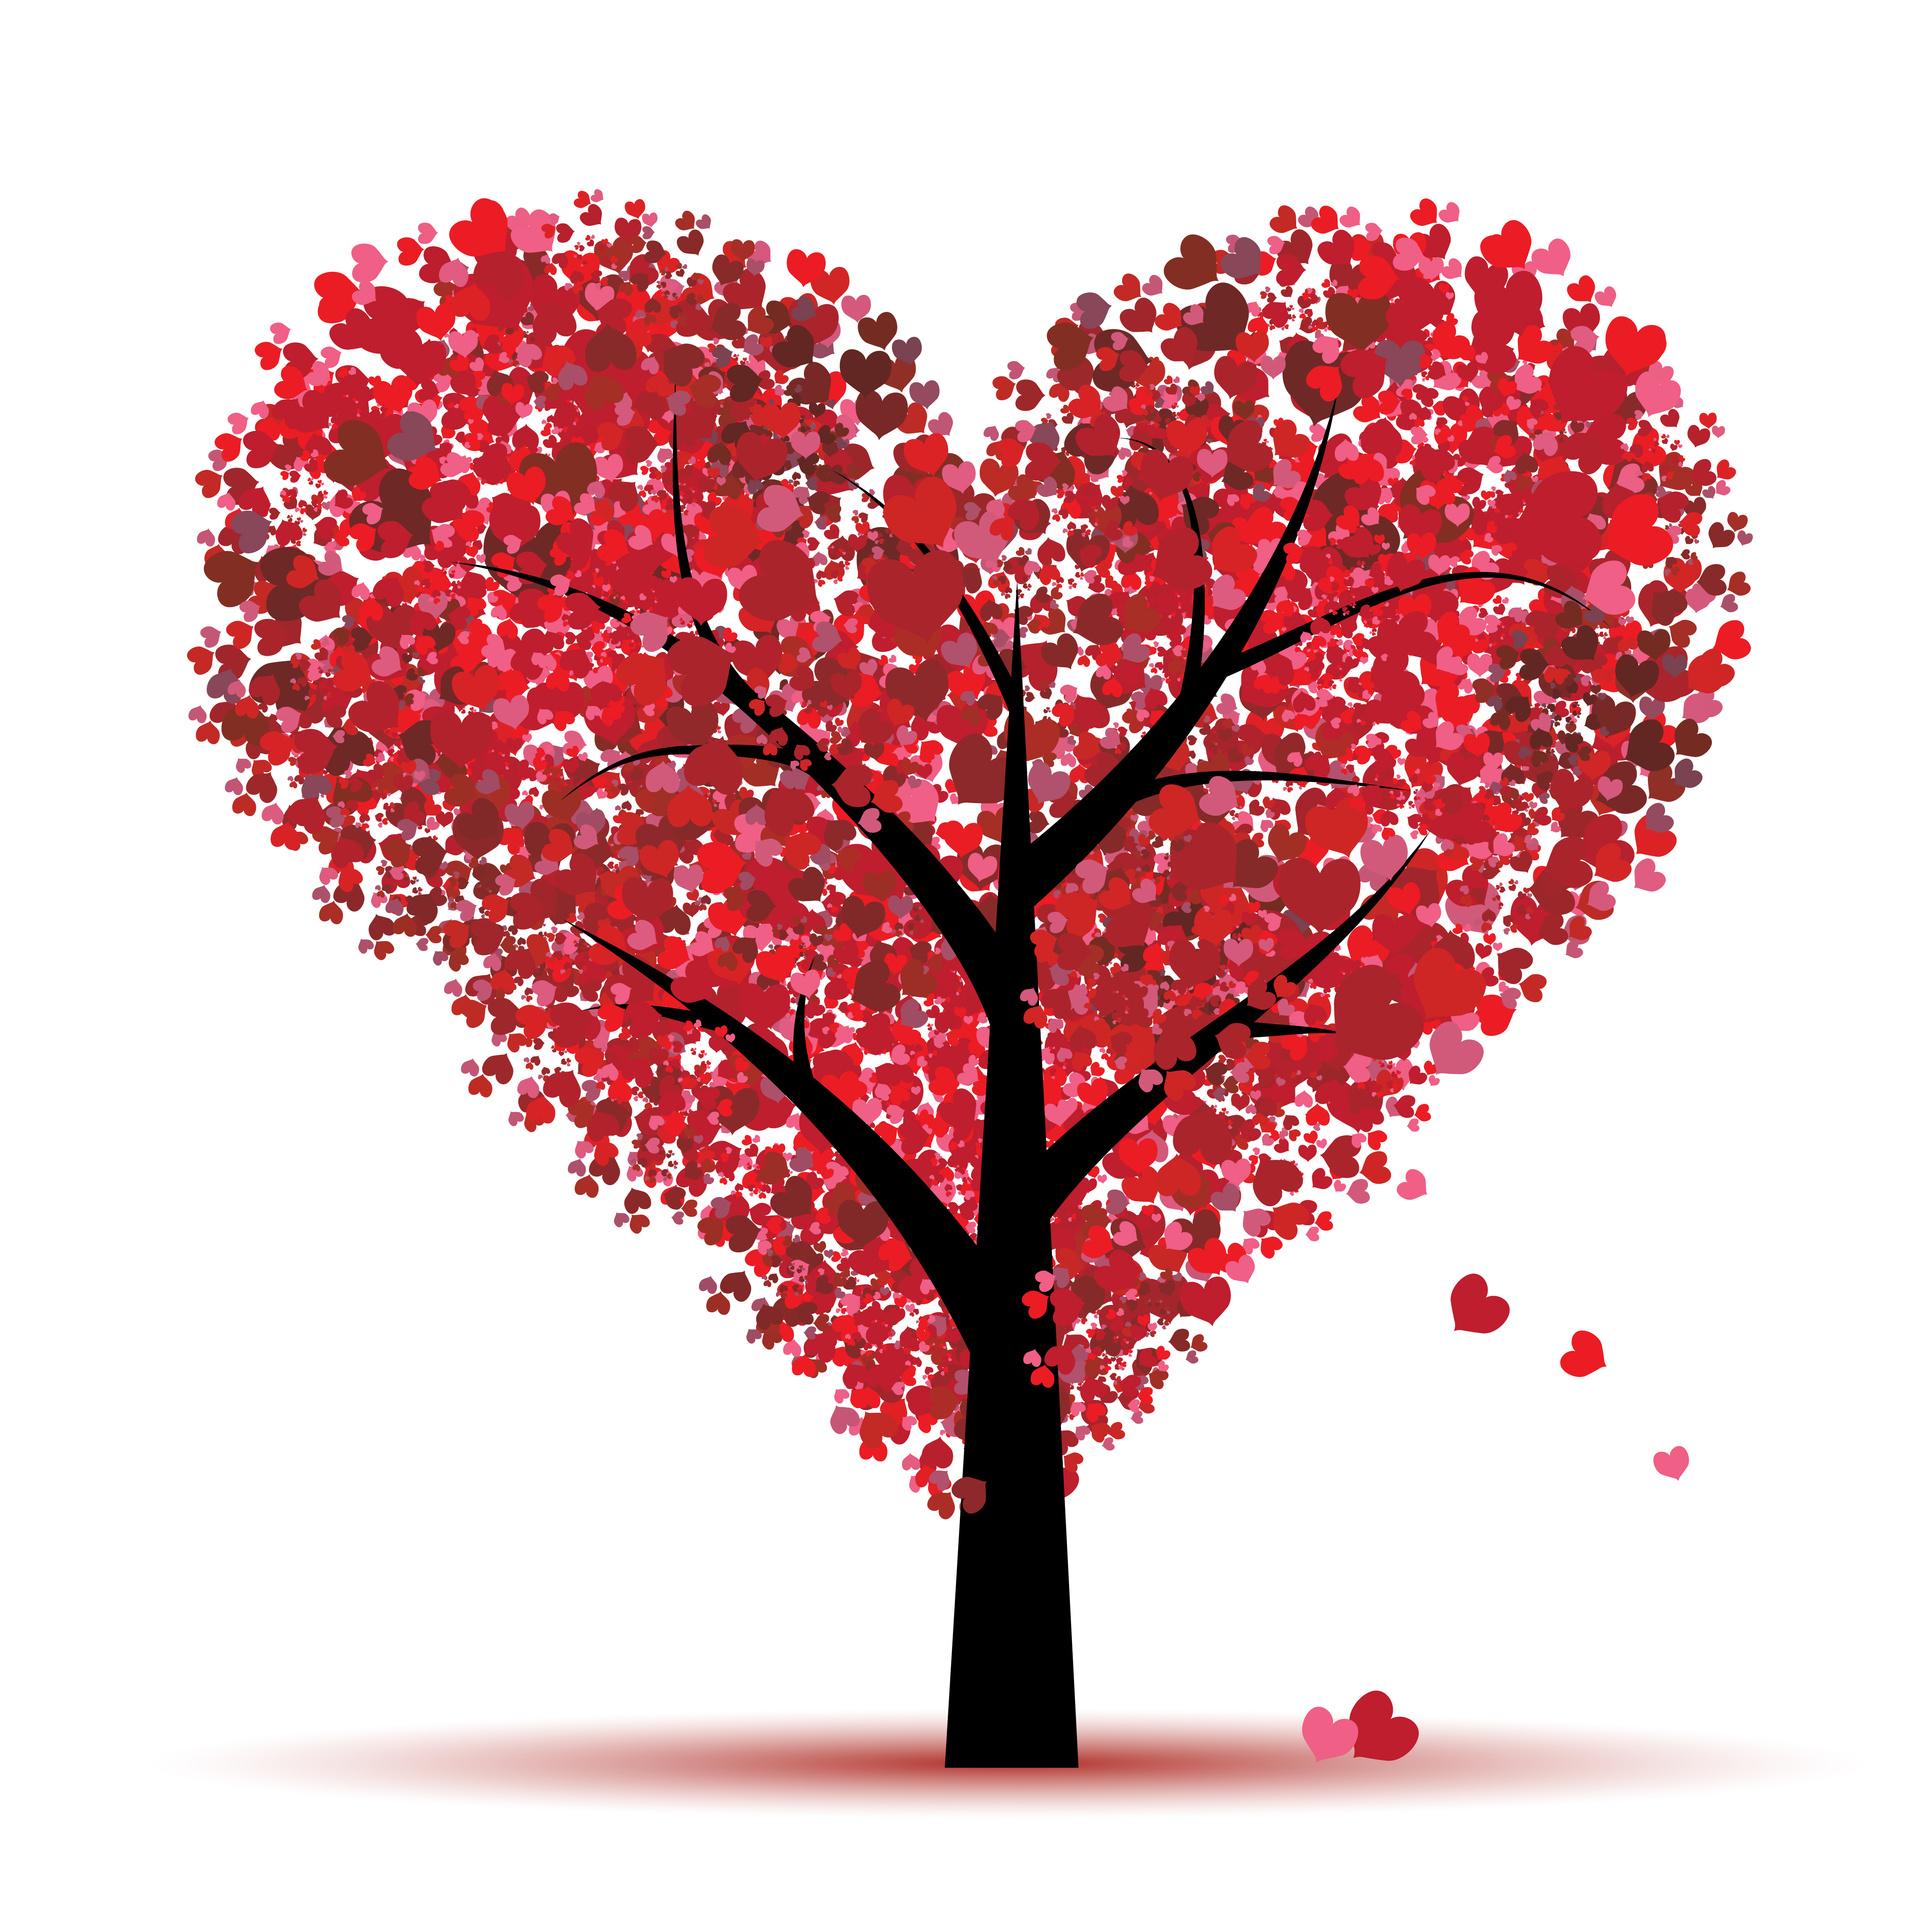 Saint valentin une id e cadeau offrez un week end aux toits de lyon - Idee de saint valentin ...